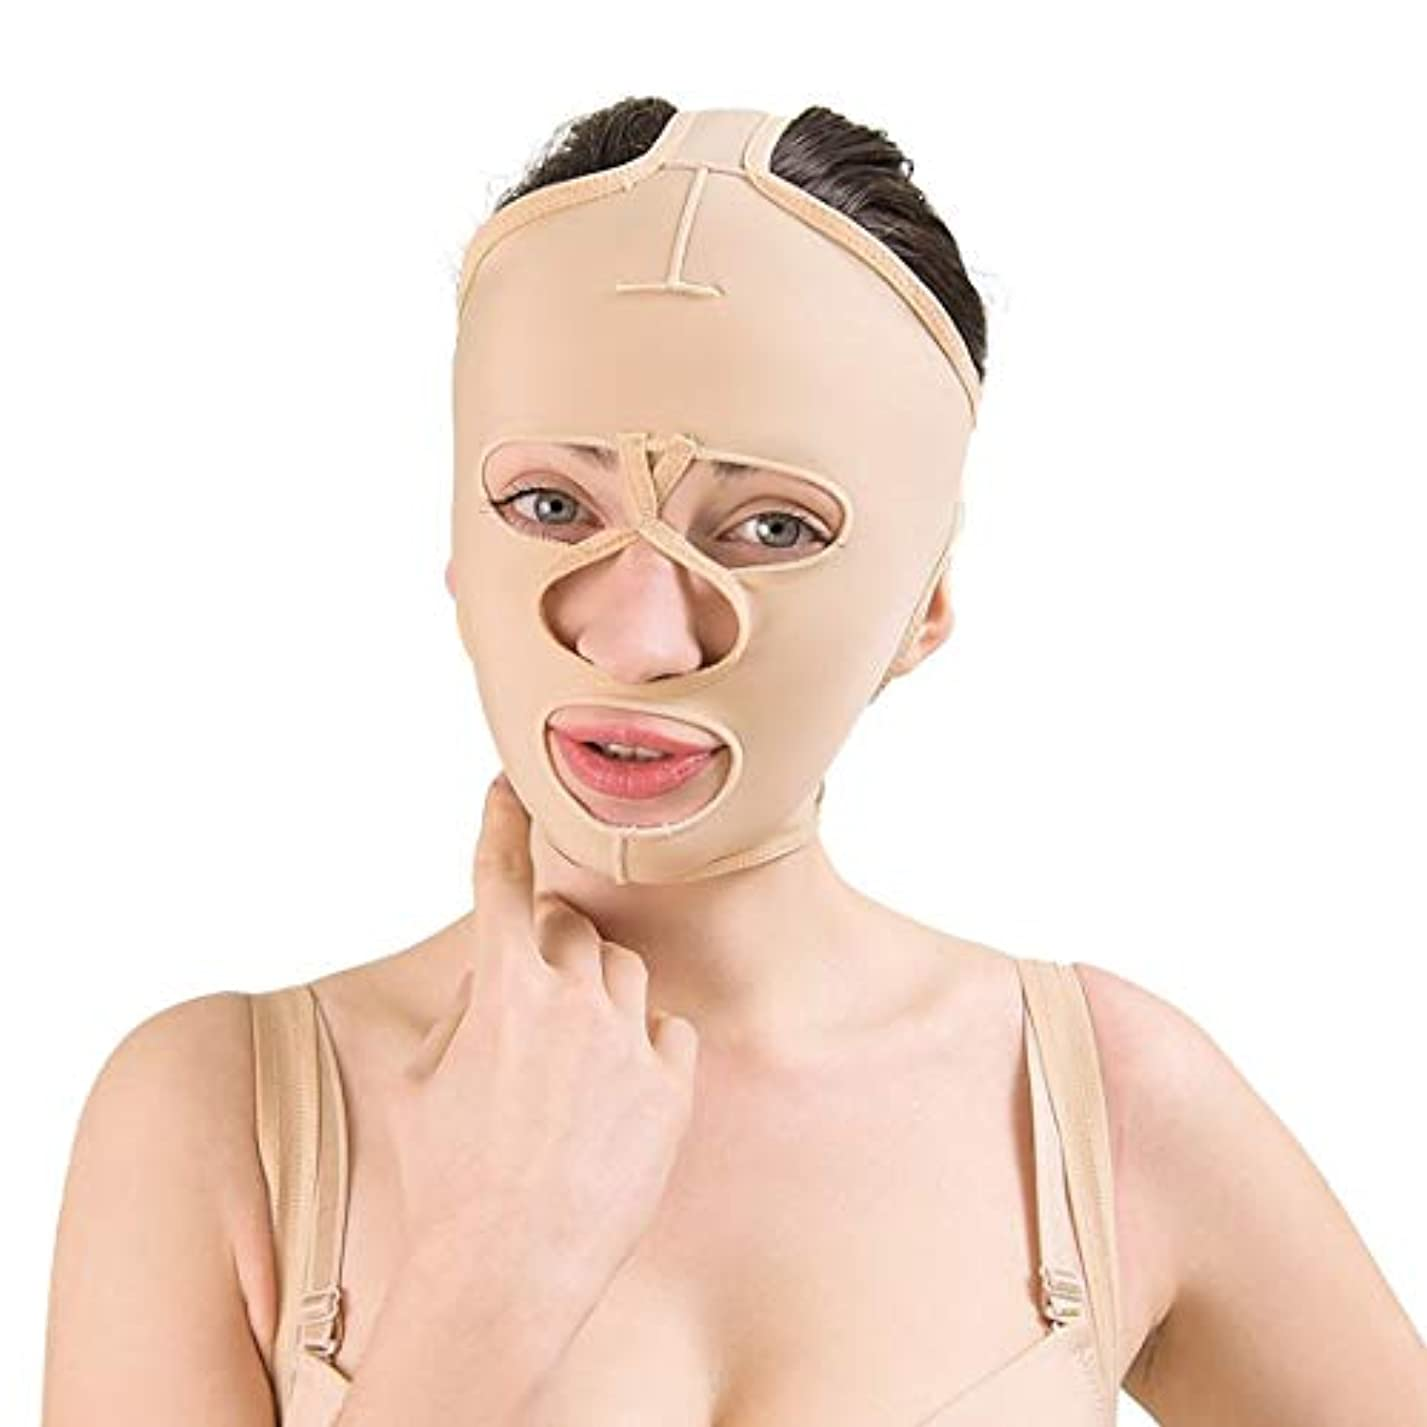 死正確にアジア人ZWBD フェイスマスク, フェイスリフト包帯医療弾性スリーブ顔面下顎形成外科術後圧縮下顎スリーブ補助修復マスクしわを削除する (Size : S)